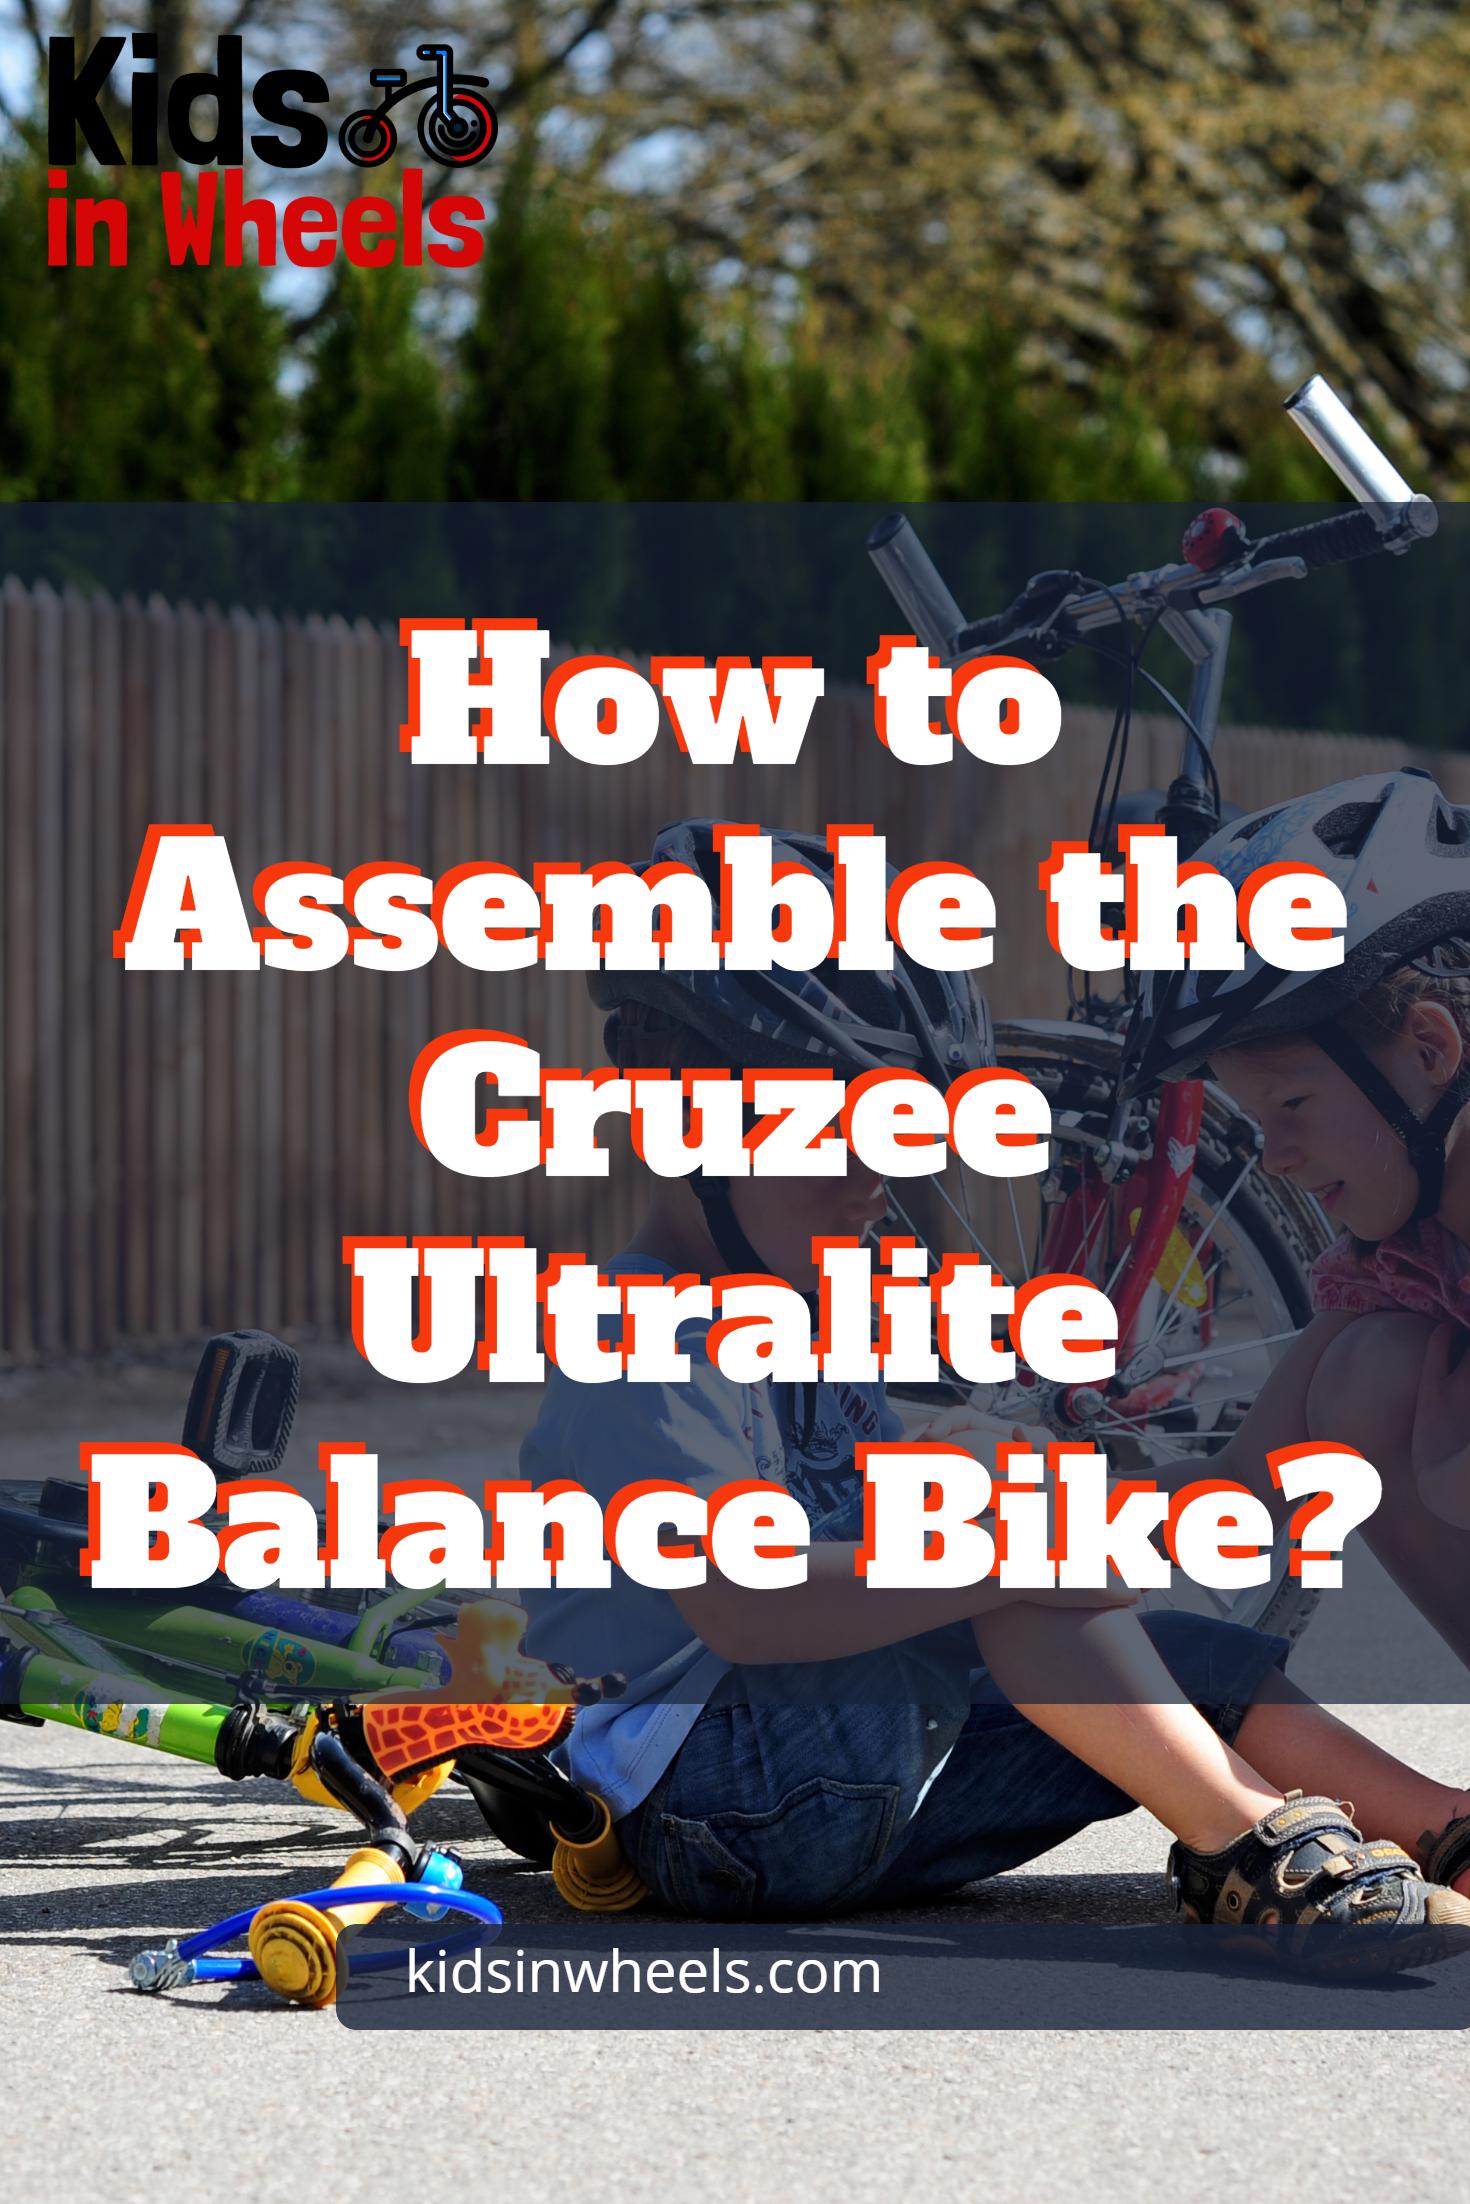 Cruzee Ultralite Balance Bike Review Balance Bike Bike Reviews